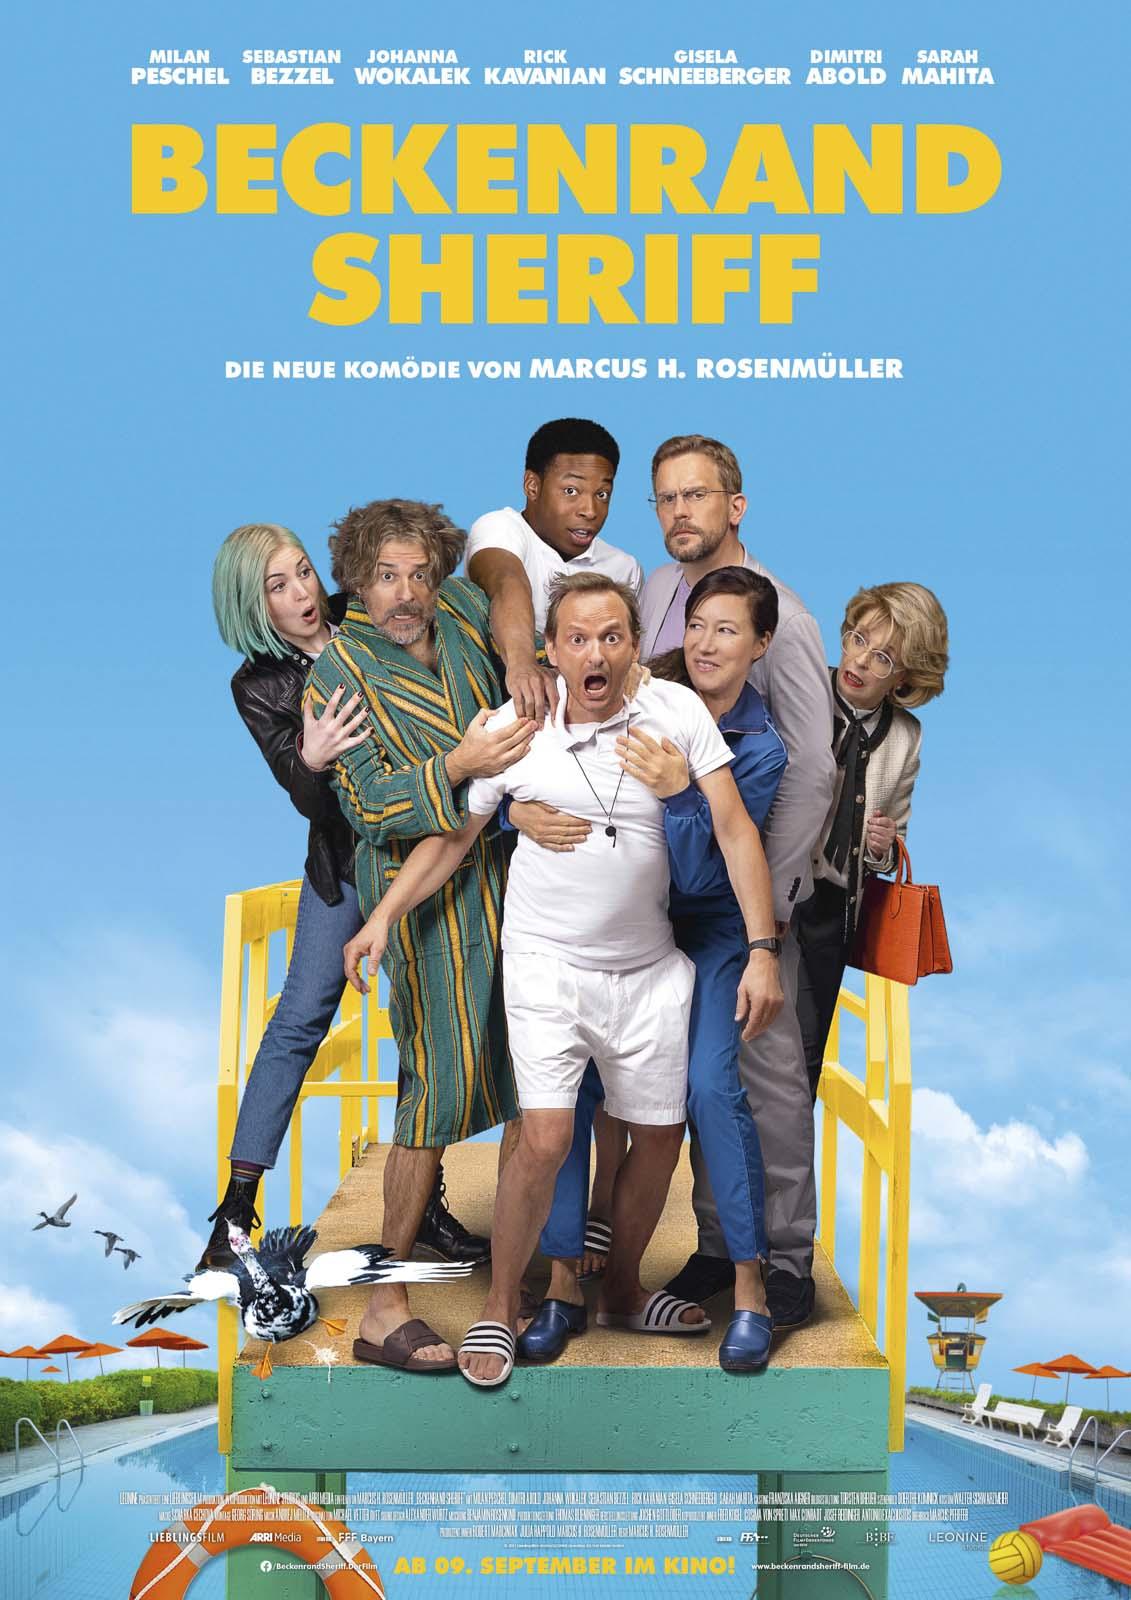 Beckenrand_Sheriff_Hauptplakat